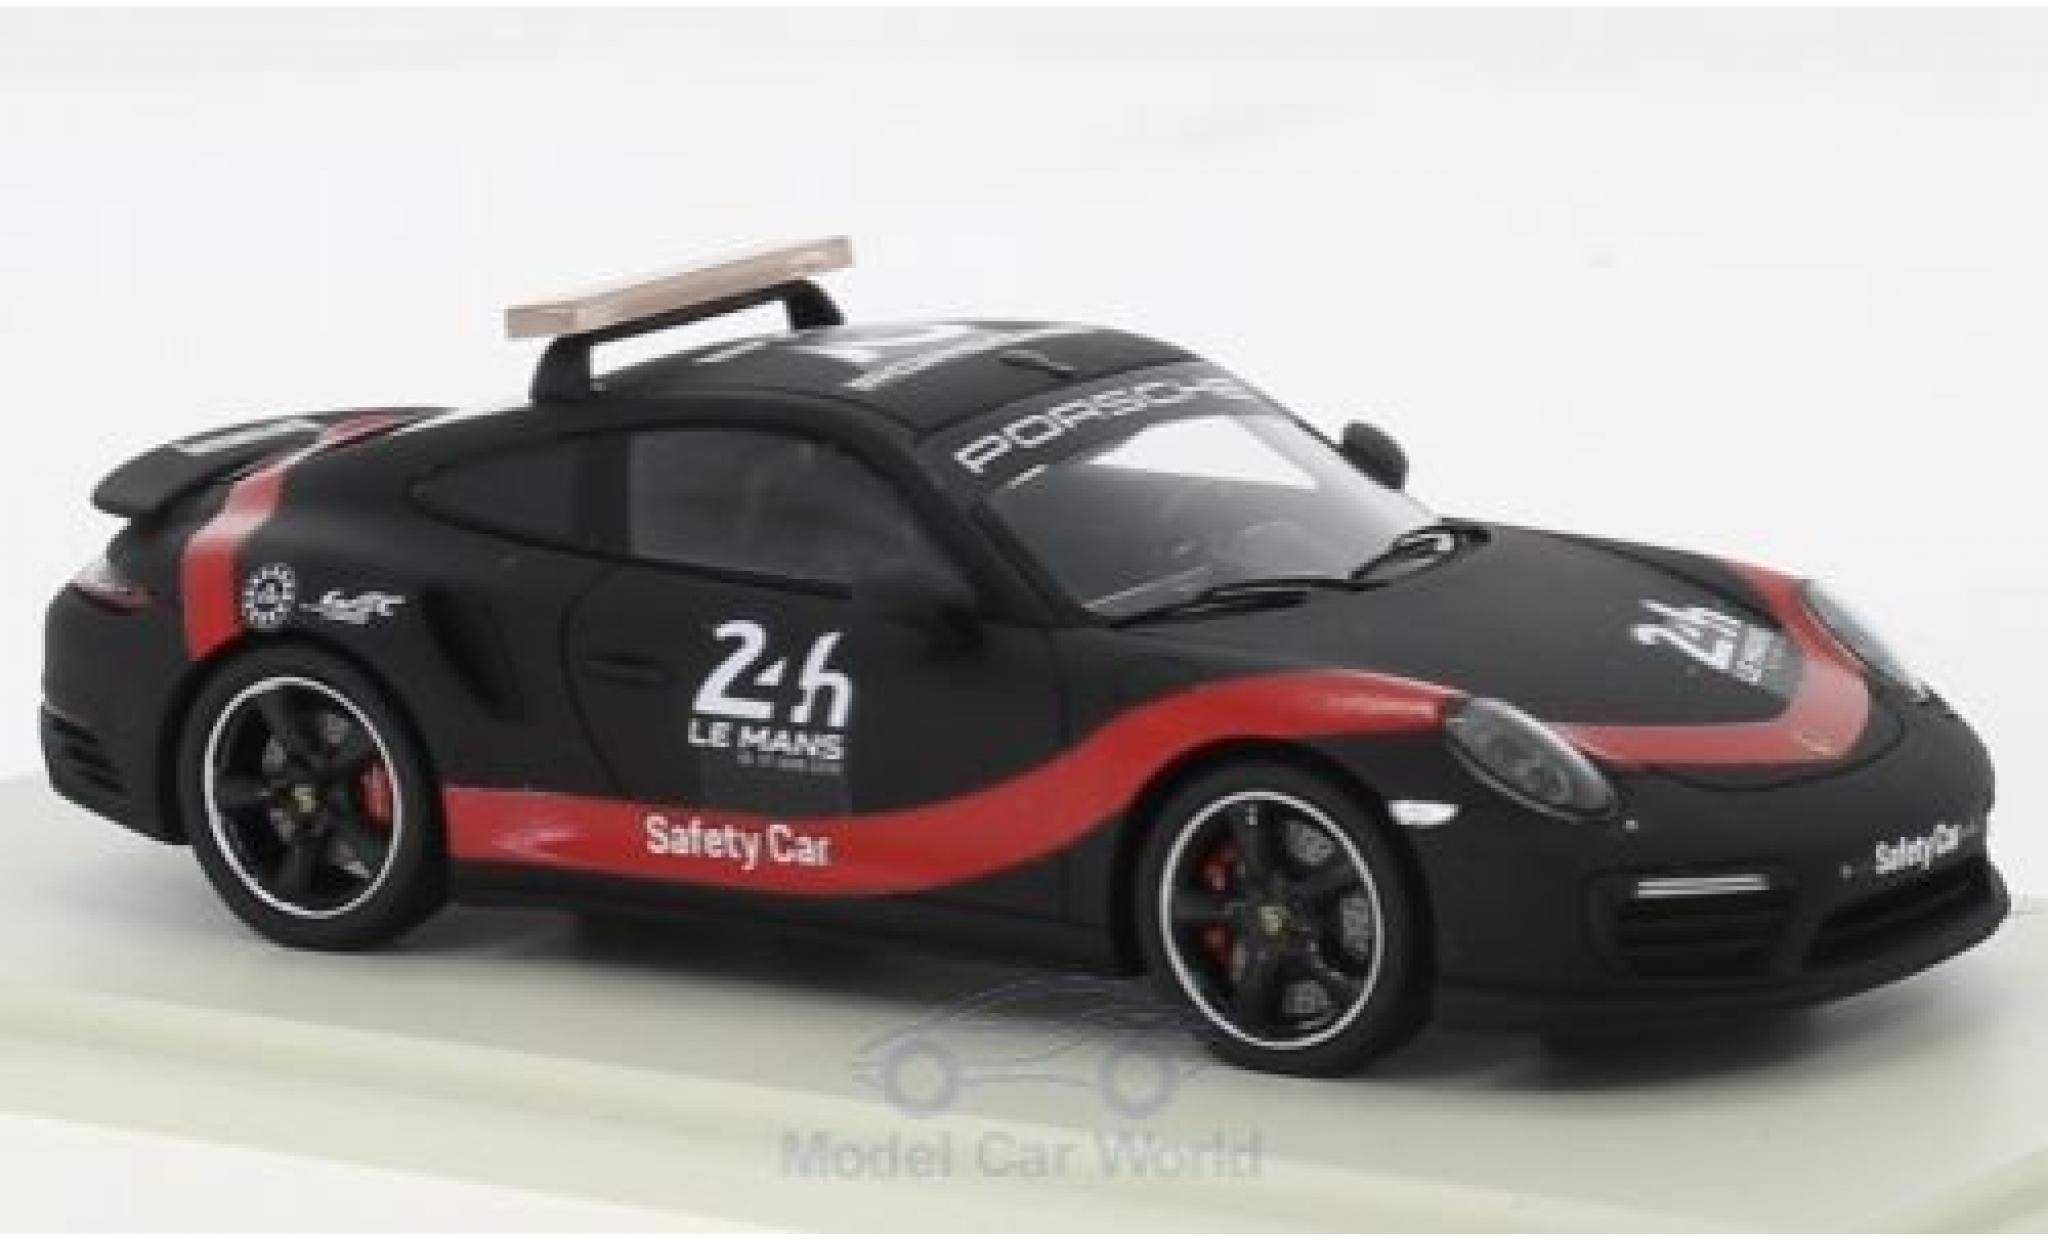 Porsche 911 1/43 Spark Turbo 24h Le Mans 2018 Saftey Car